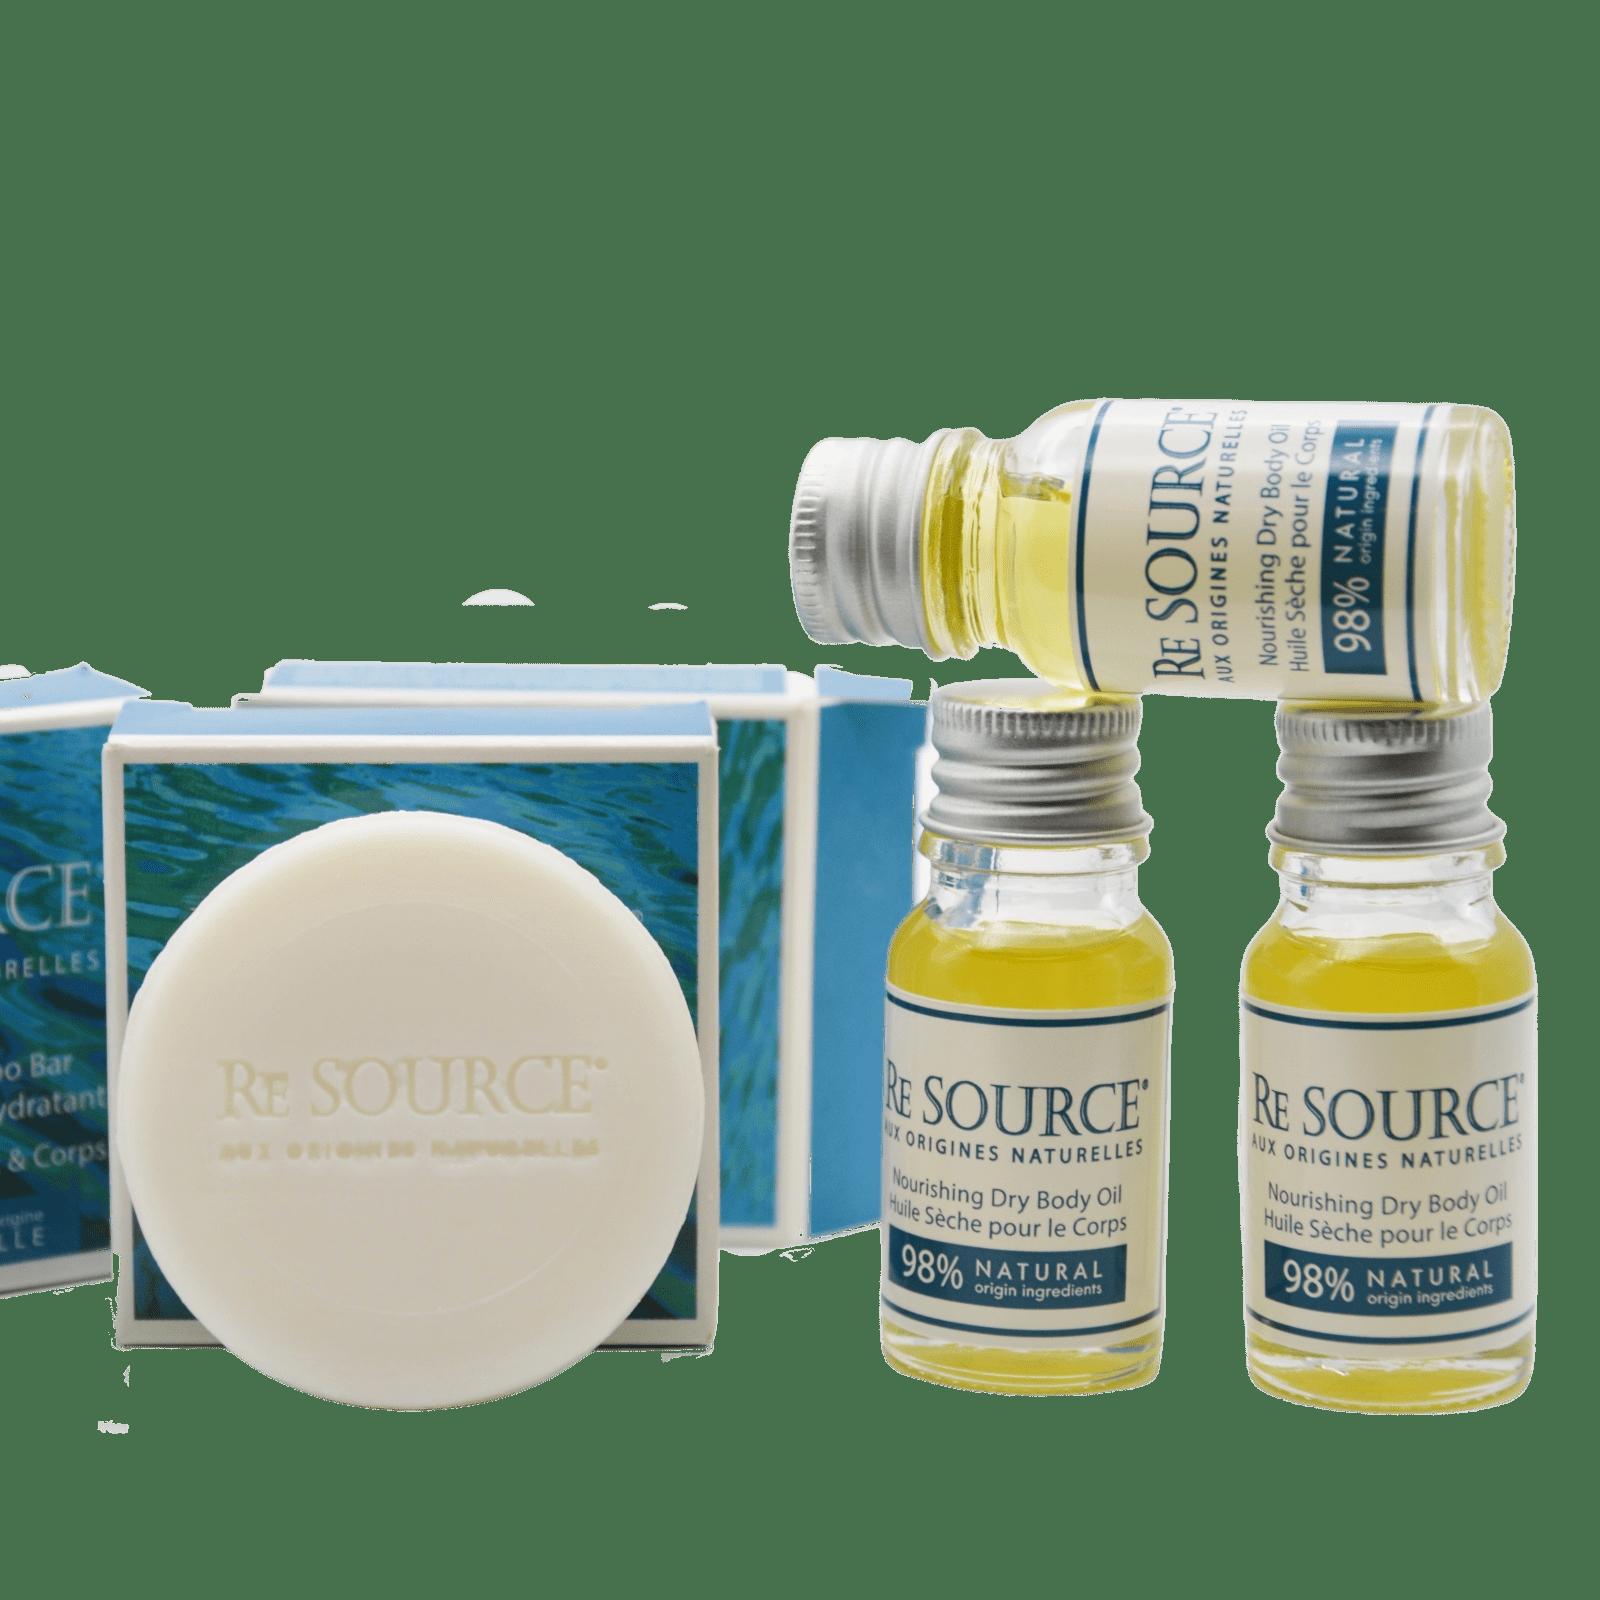 Shampoing Solide pour hôtels - Solution durable sans plastique - produits d'accueil solides, naturels et zero plastique - RE SOURCE